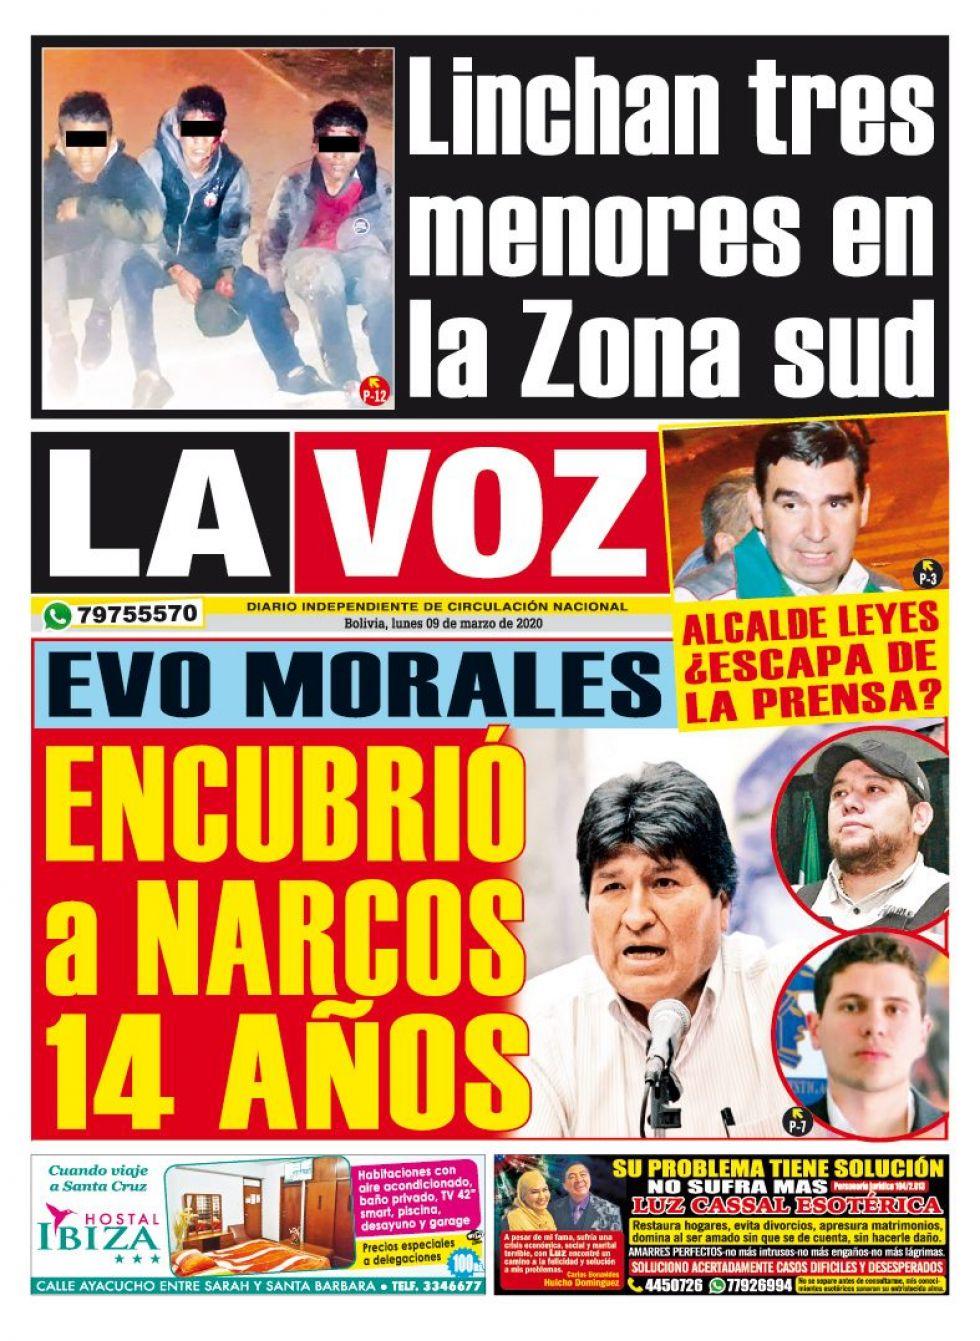 La Voz, Cochabamba.